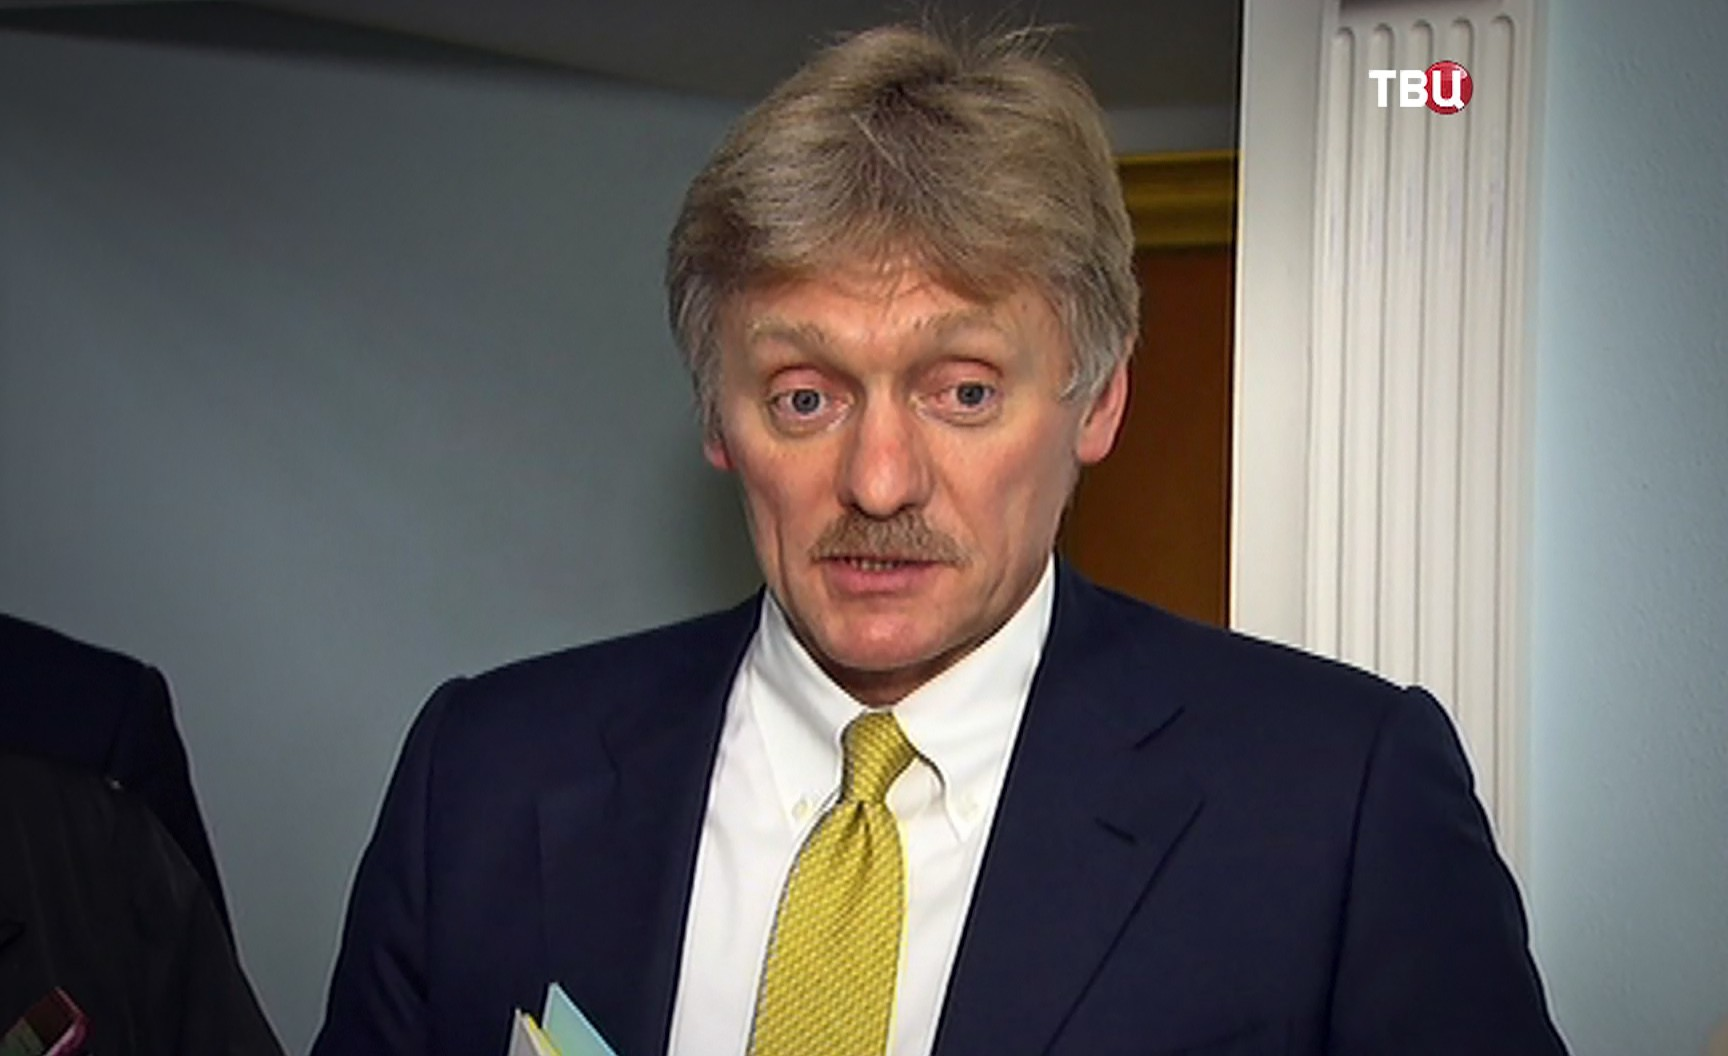 Пресс-секретарь президента России Дмитрий Песков